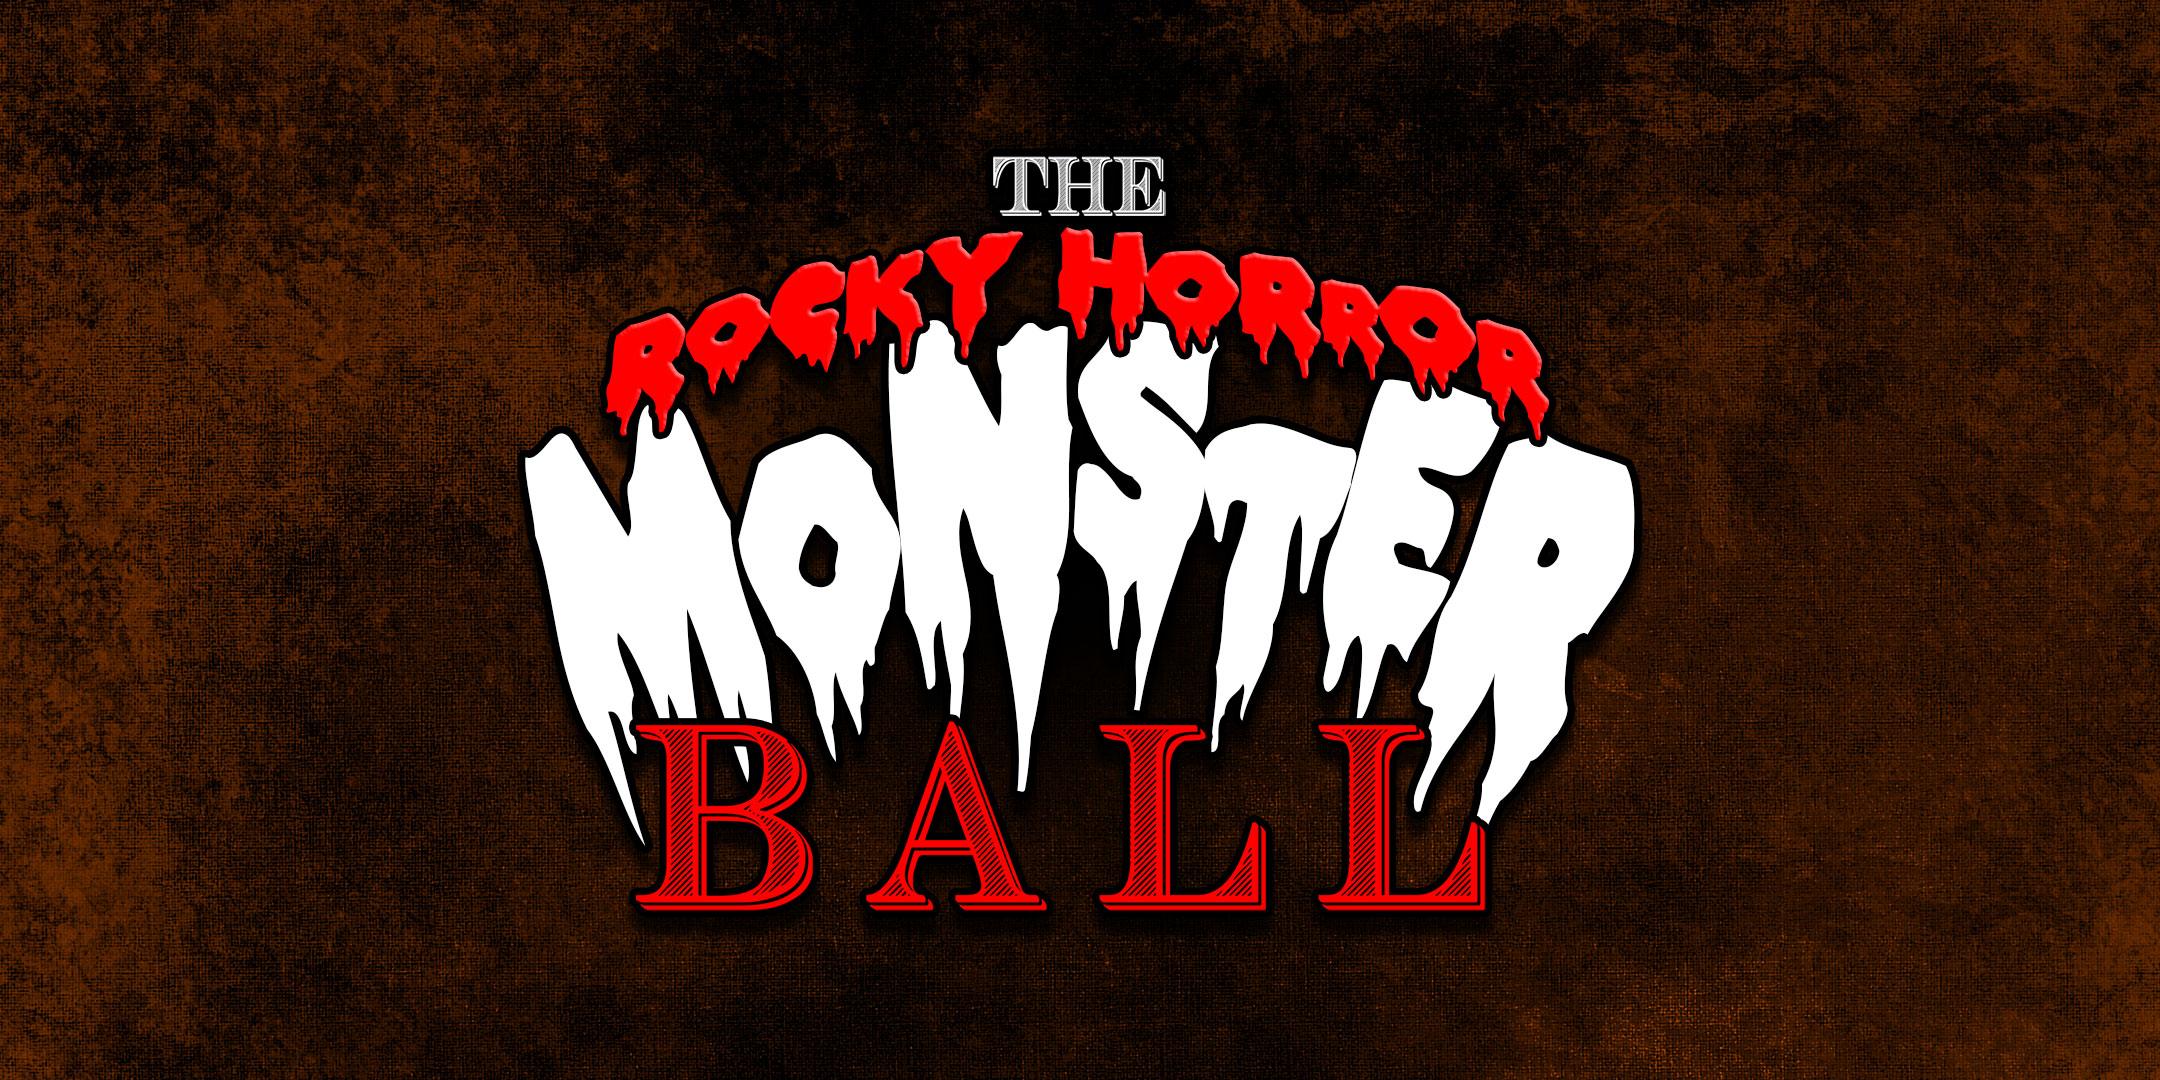 2019-Monster-Ball-Eventbrite.jpg